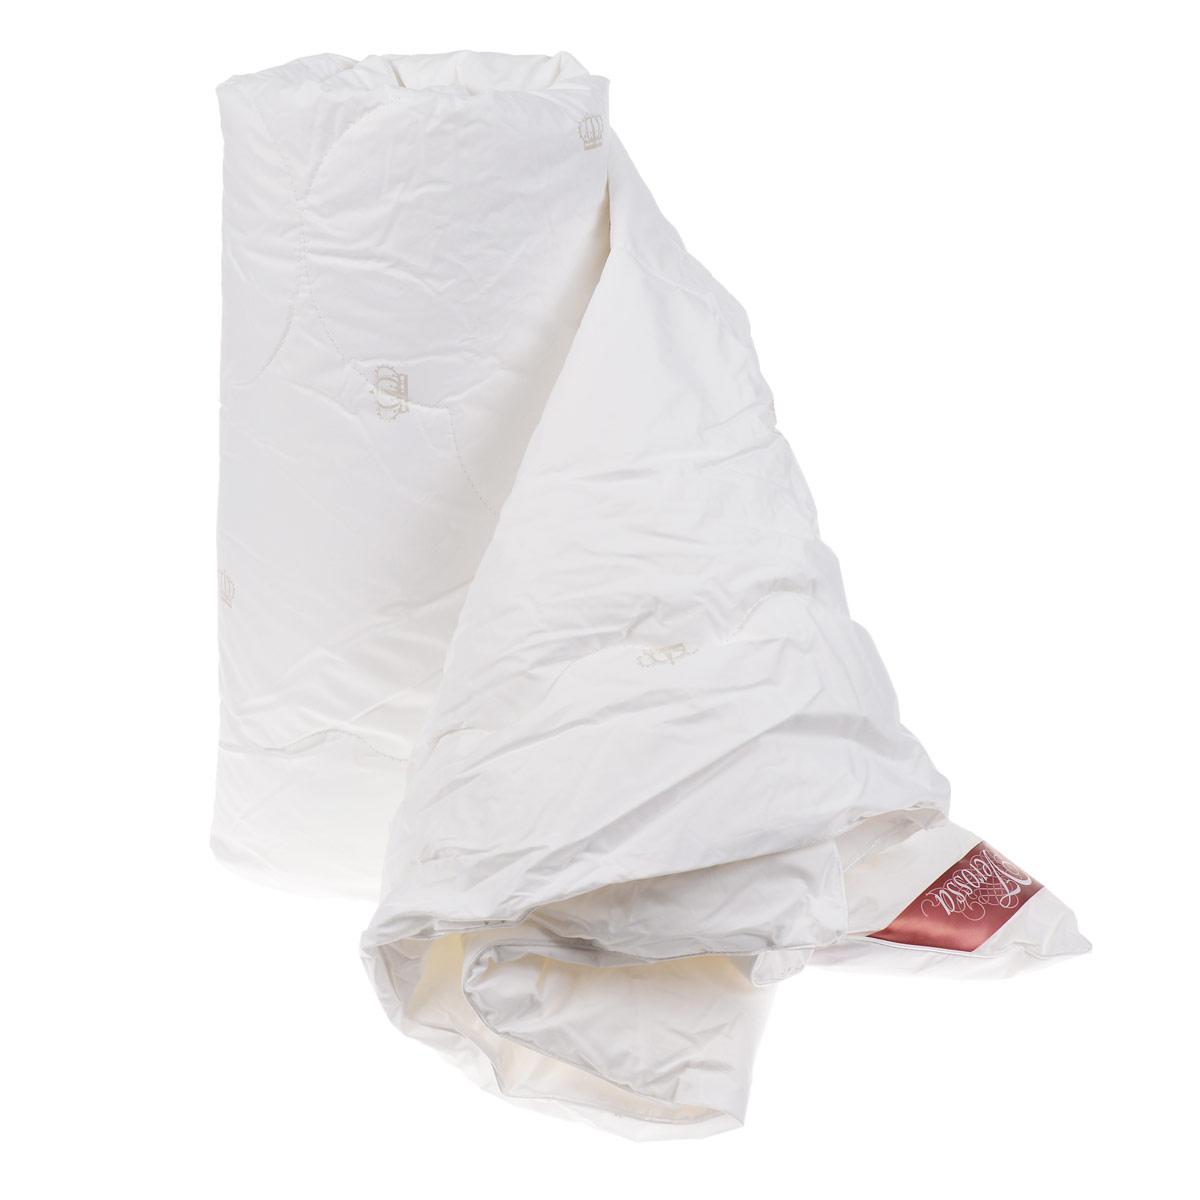 Одеяло Verossa, наполнитель: лебяжий пух, цвет: белый, 172 х 205 см157823Одеяло Verossa - стильная и комфортная постельная принадлежность, которая подарит уют и позволит окунуться в здоровый и спокойный сон. Чехол одеяла выполнен из перкаля пуходержащего (100% хлопка). Внутри - наполнитель из искусственного лебяжьего пуха, который является аналогом натурального пуха и представляет собой сверхтонкое волокно нового поколения. Благодаря этому одеяло очень мягкое и легкое, не накапливает пыль и запахи. Важным преимуществом является гипоаллергенность наполнителя, поэтому одеяло отлично подходит как взрослым, так и детям. Легкое и объемное, оно имеет среднюю степень теплоты и отличную терморегуляцию: под ним будет тепло зимой и не жарко летом. Одеяло просто в уходе, подходит для машинной стирки, быстро сохнет, отличается износостойкостью и практичностью. Материал чехла: перкаль пуходержащий (100% хлопок). Наполнитель: искусственный лебяжий пух (100% полиэстер). Плотность наполнителя: 150 г/м2. наполнитель-искуственный лебяжий пух, ткань верха-перкаль пуходержащий 100% хлопок